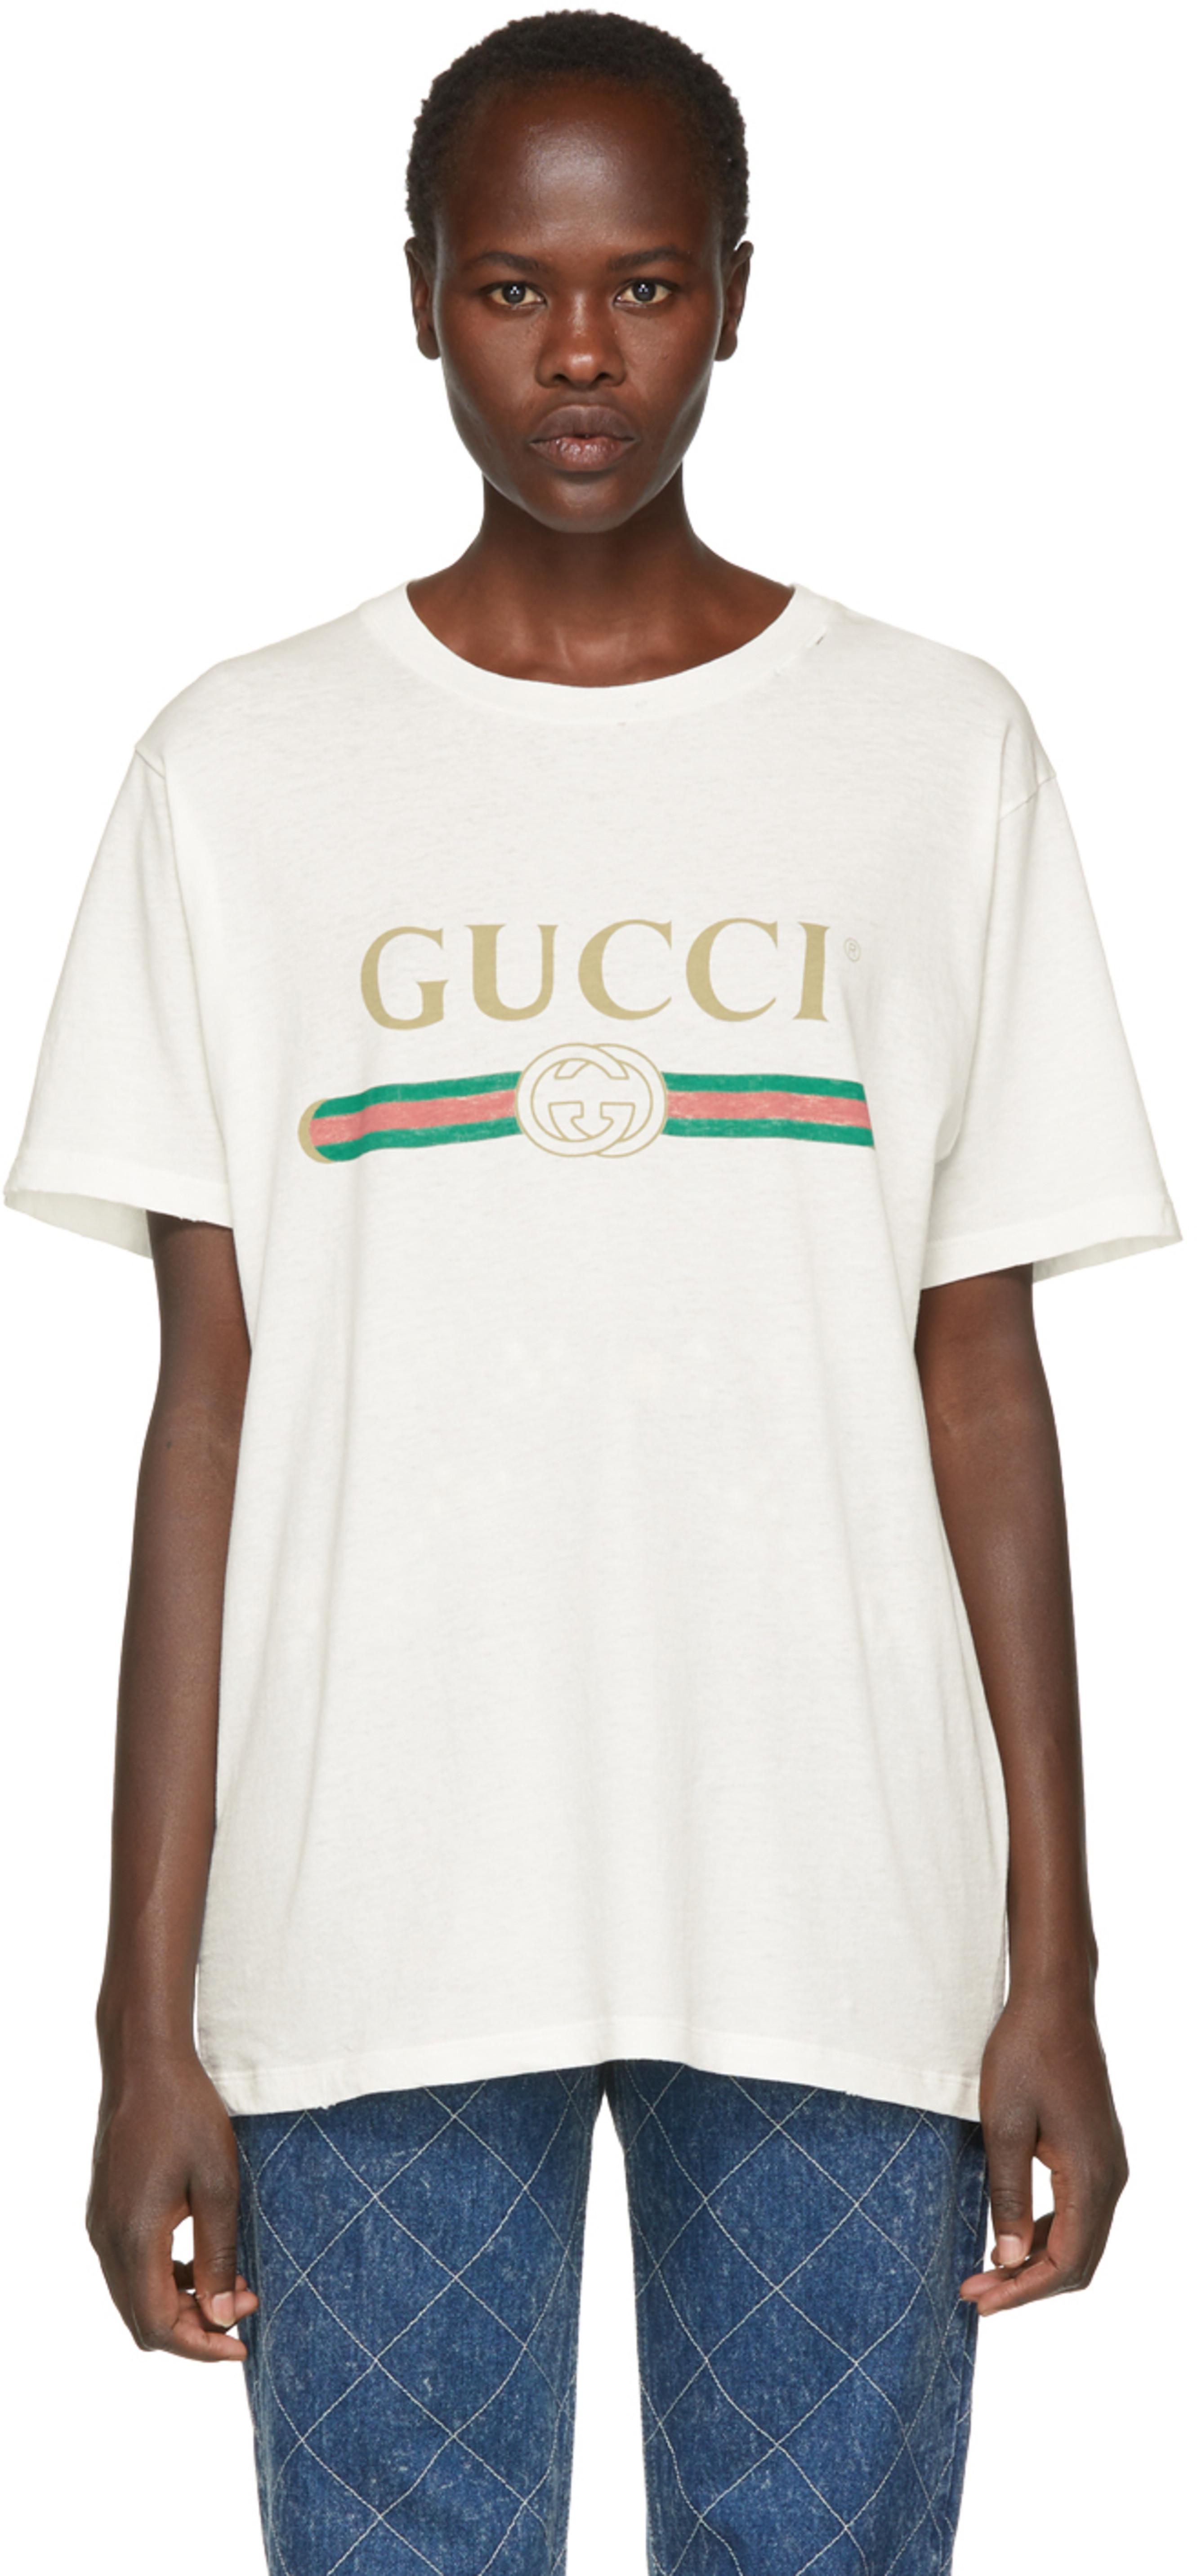 6e33921b4 Gucci t-shirts for Women | SSENSE